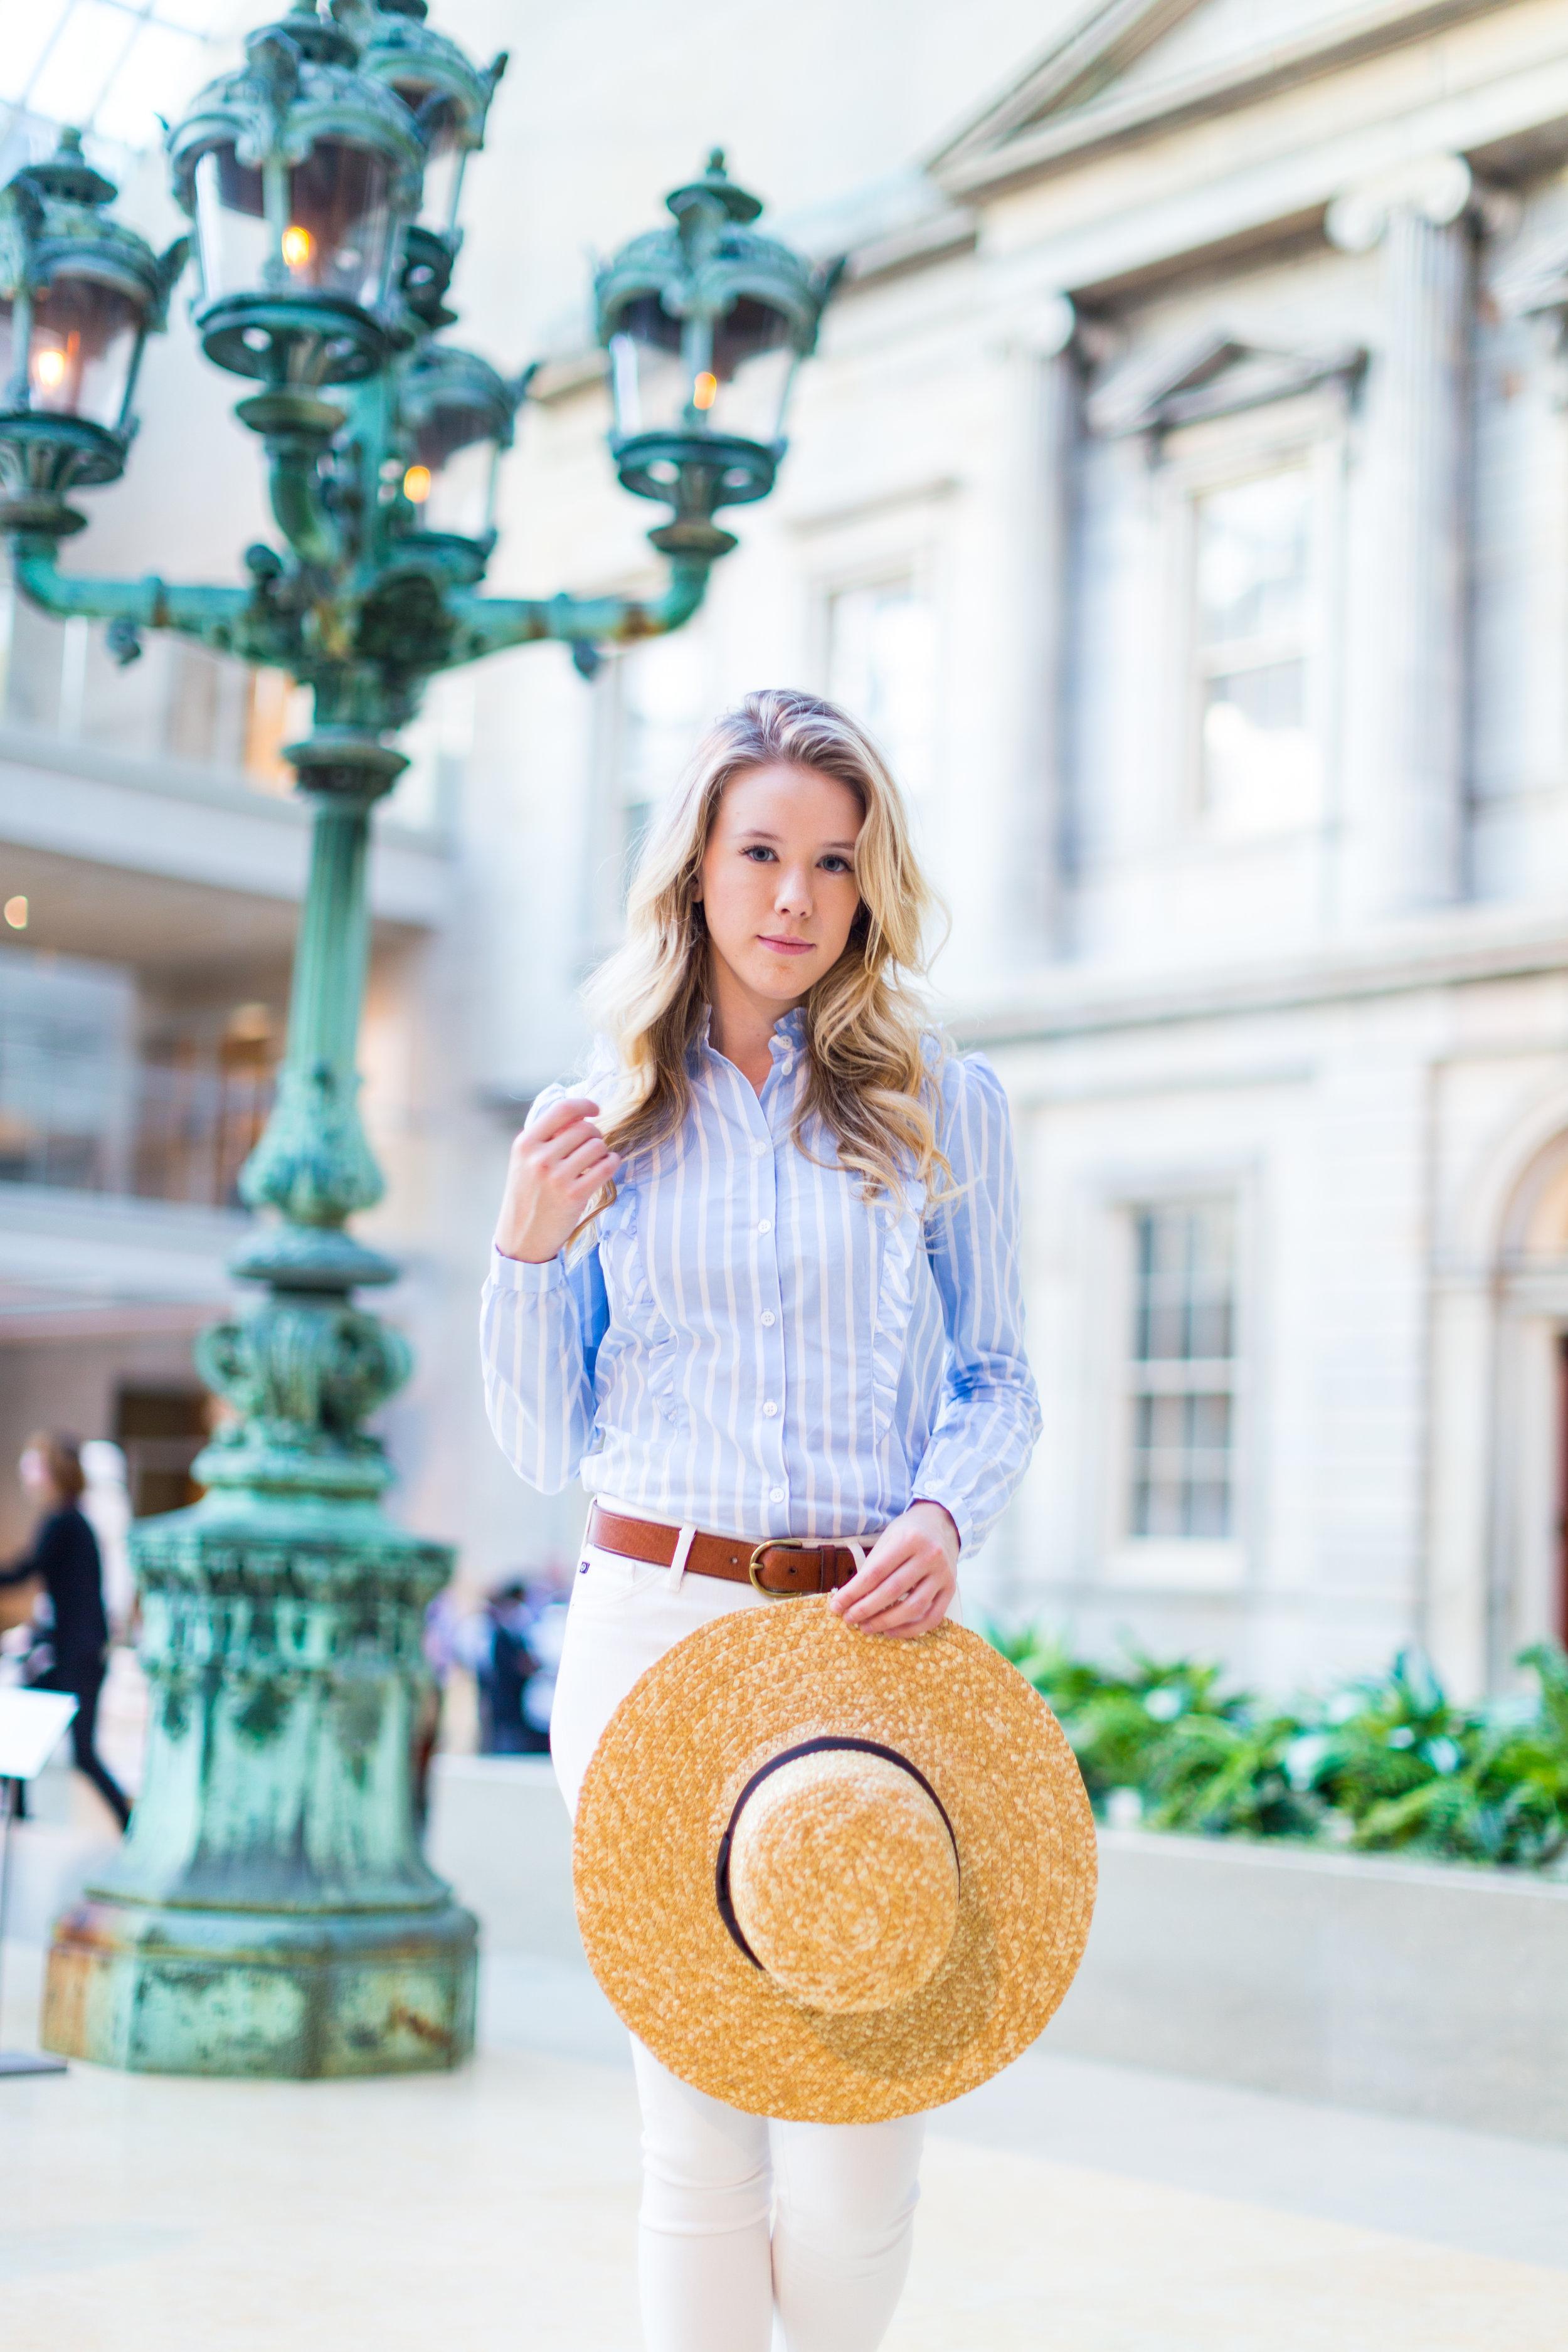 NYC Spring Metropolitan Museum Upper East Side Outfit-14.jpg